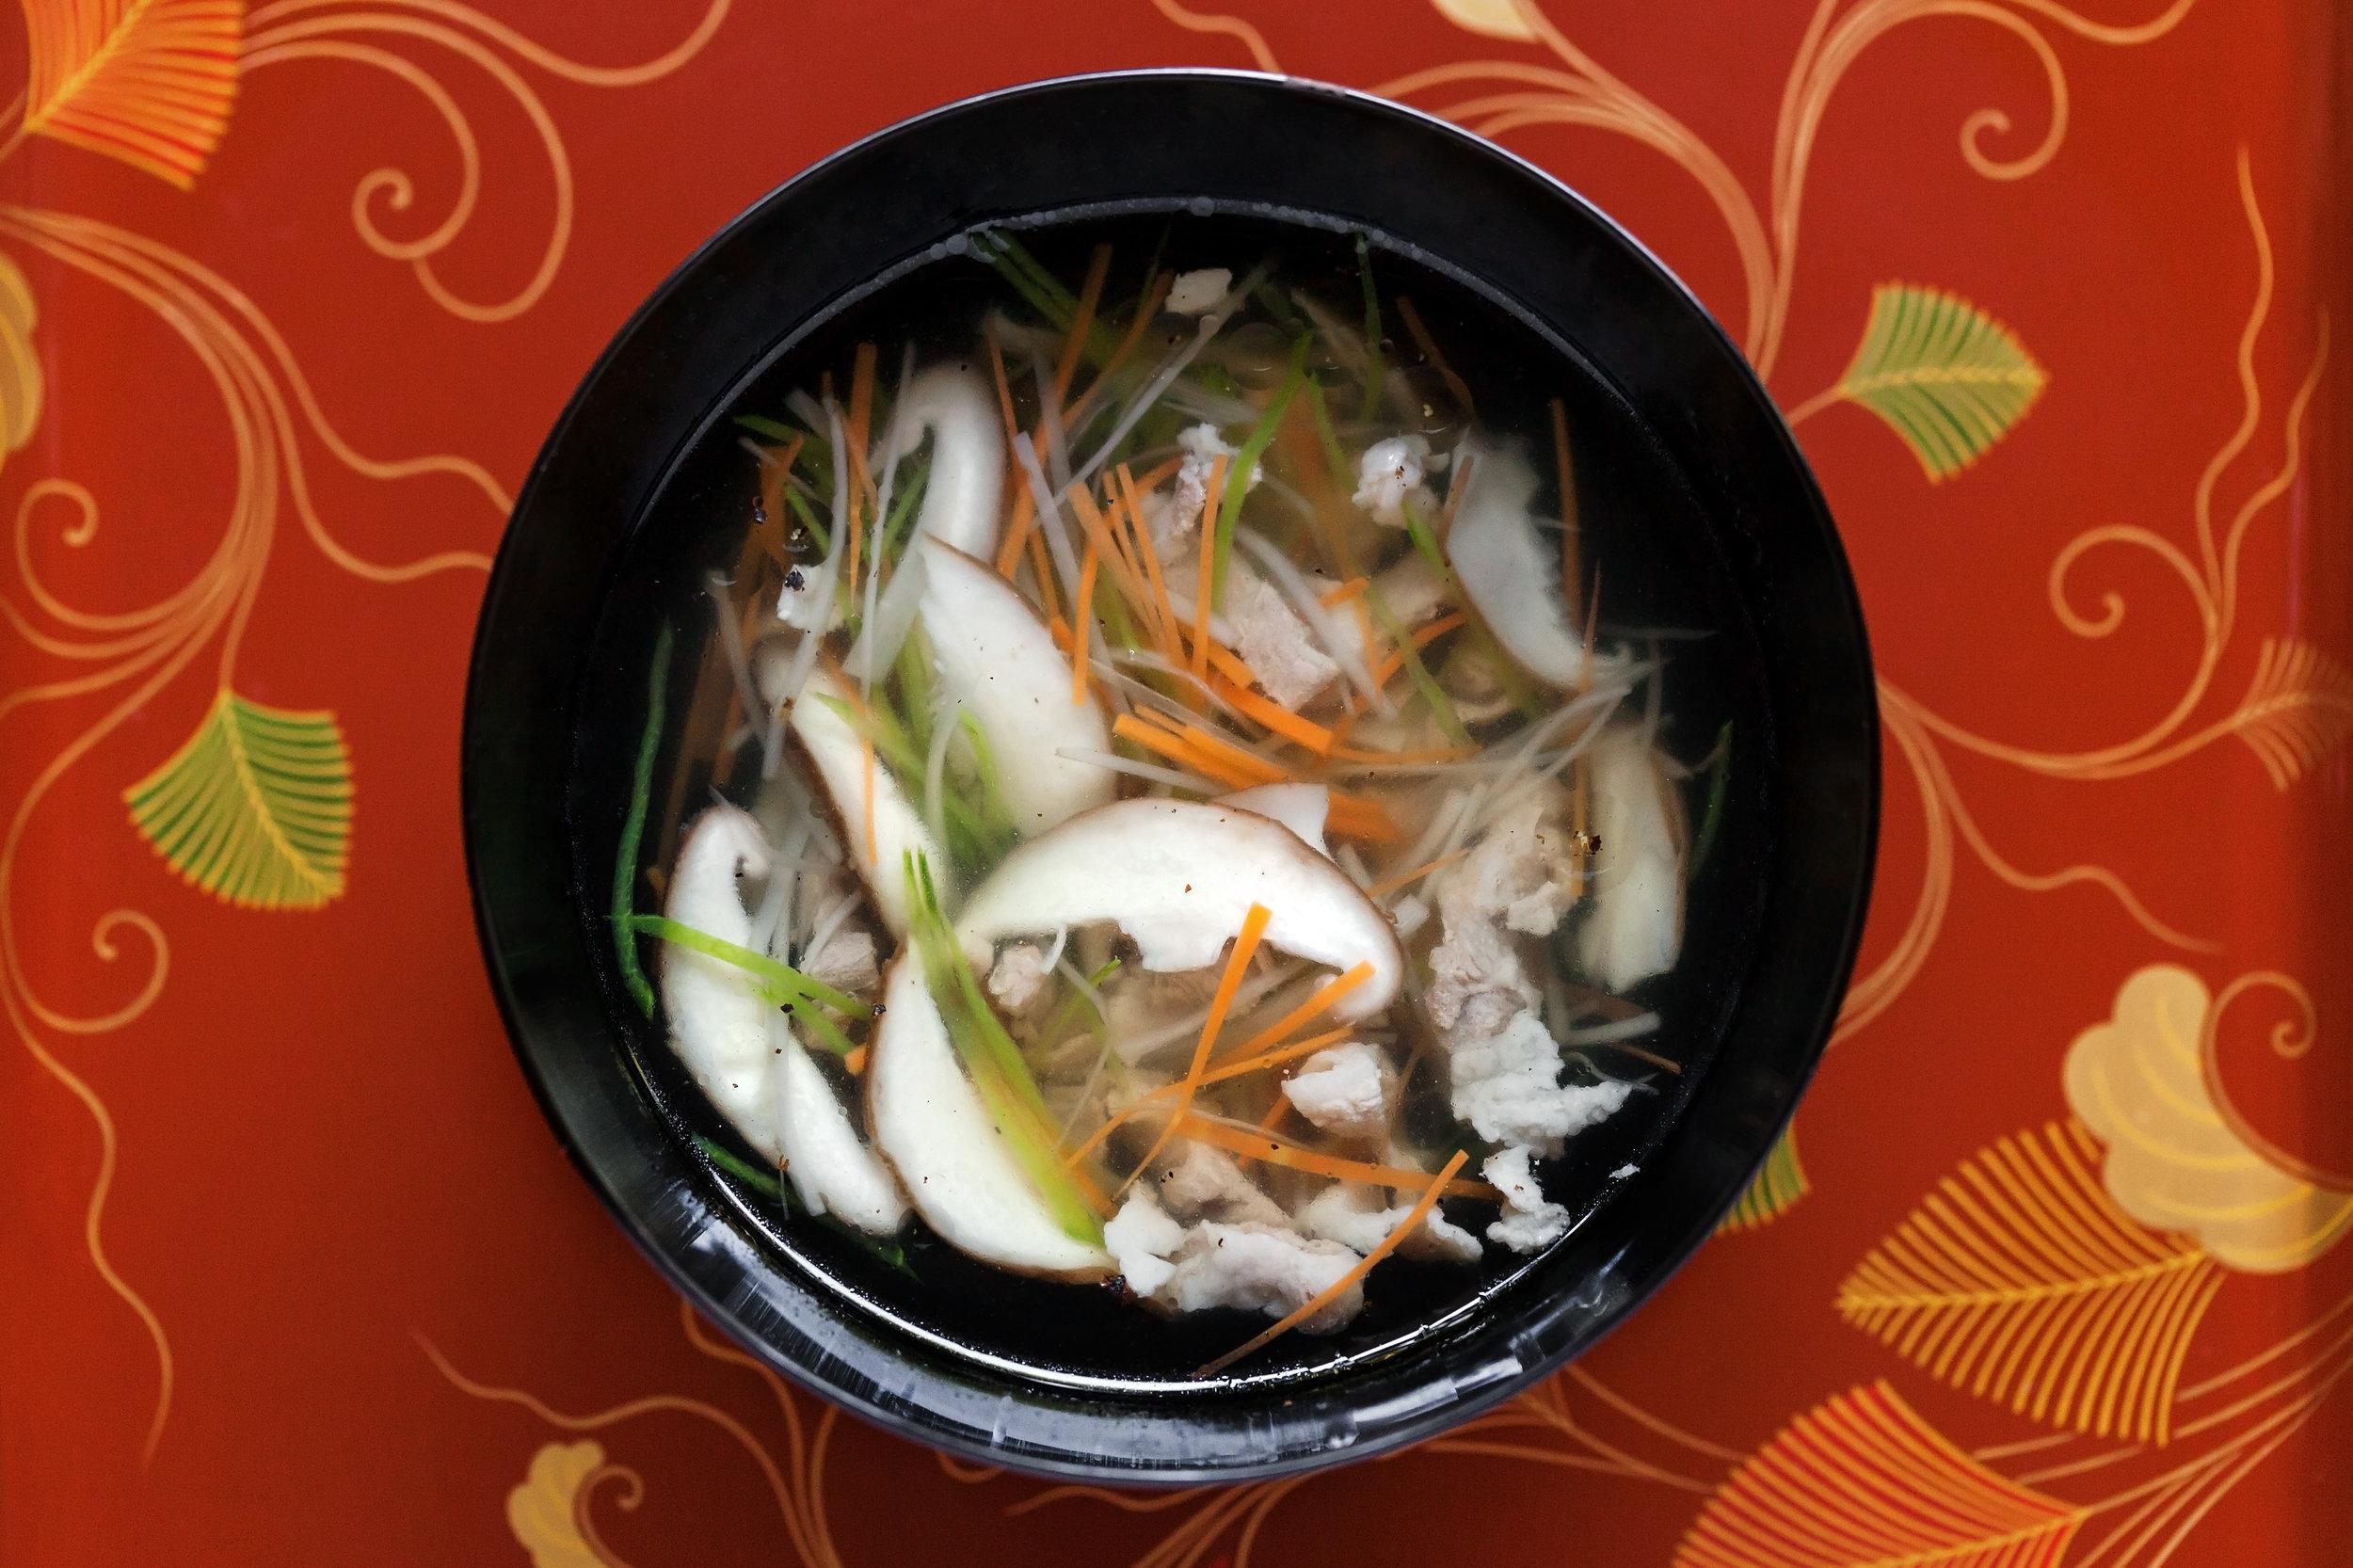 野菜澤煮碗 打開 澤煮碗的瞬間,昆布與柴魚的深沉香味撲鼻而來,佐以爽口鮮甜的蔬菜,每一口都能感受大地的有情奉獻。